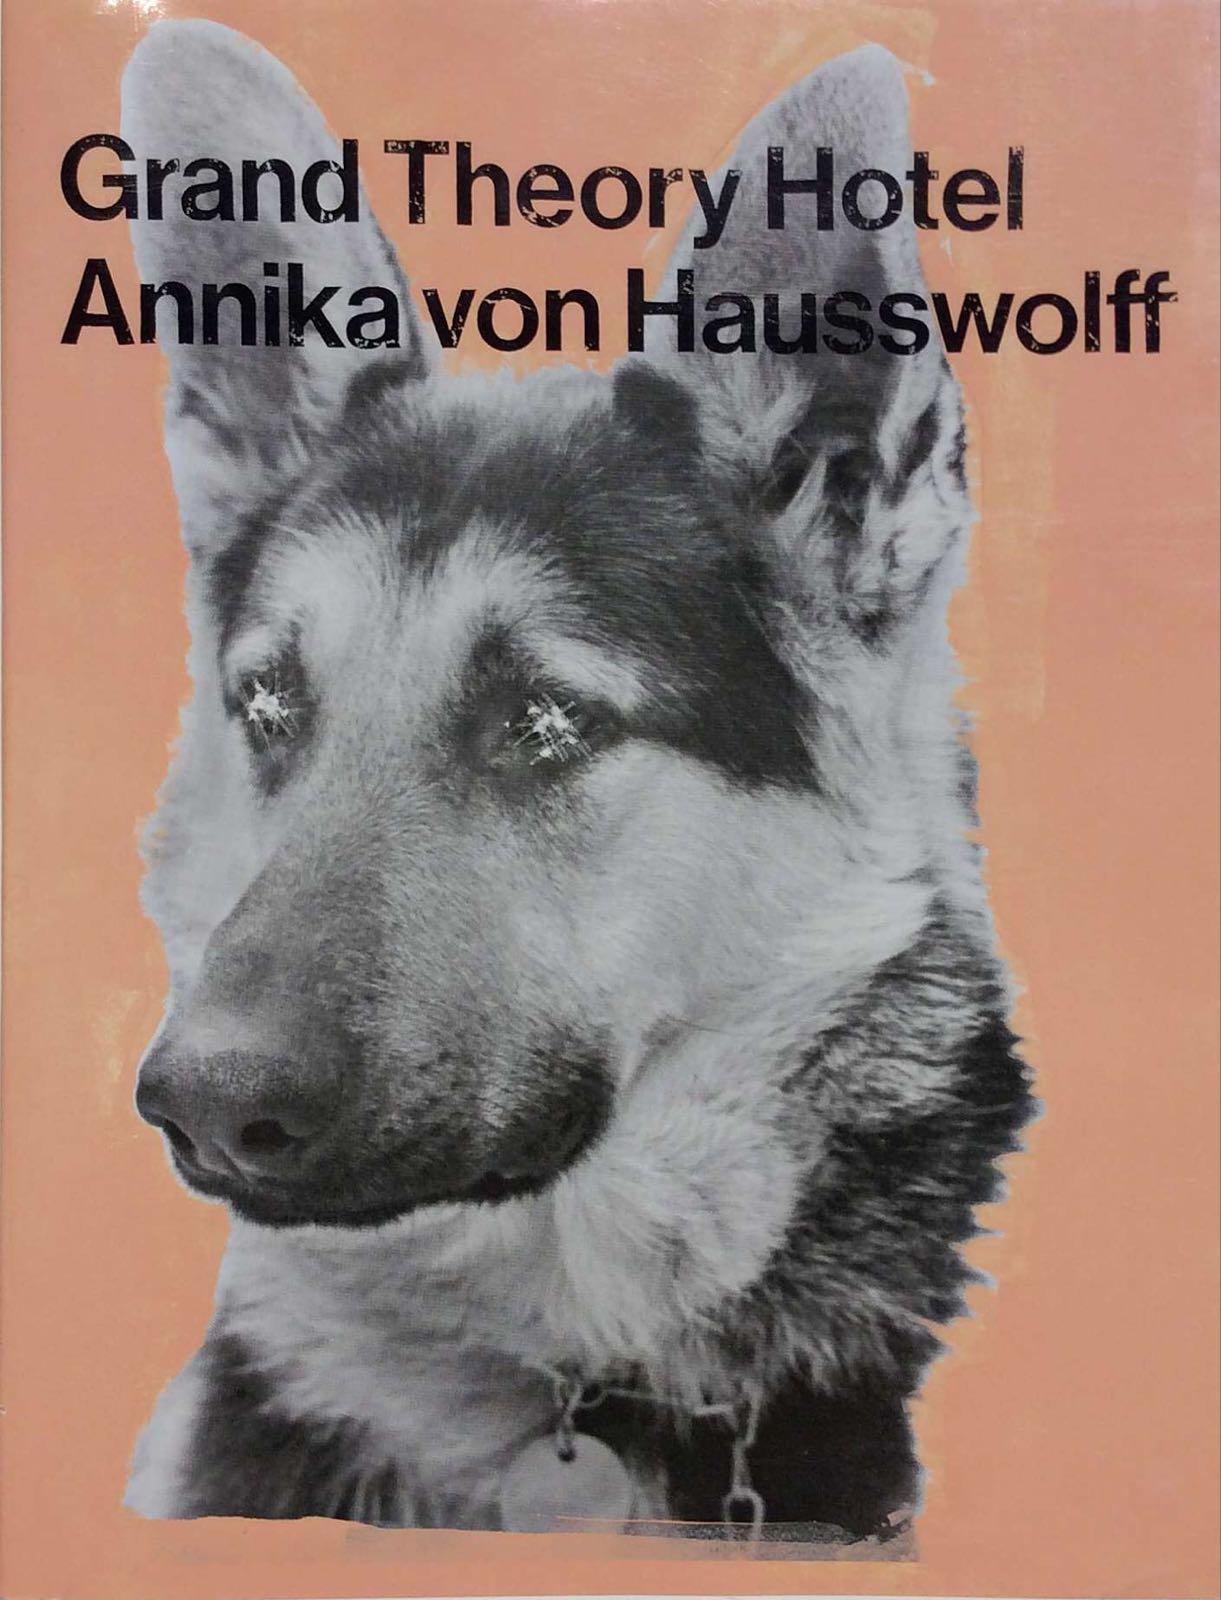 Hausswolf, Annika von. Grand Theory Hotel